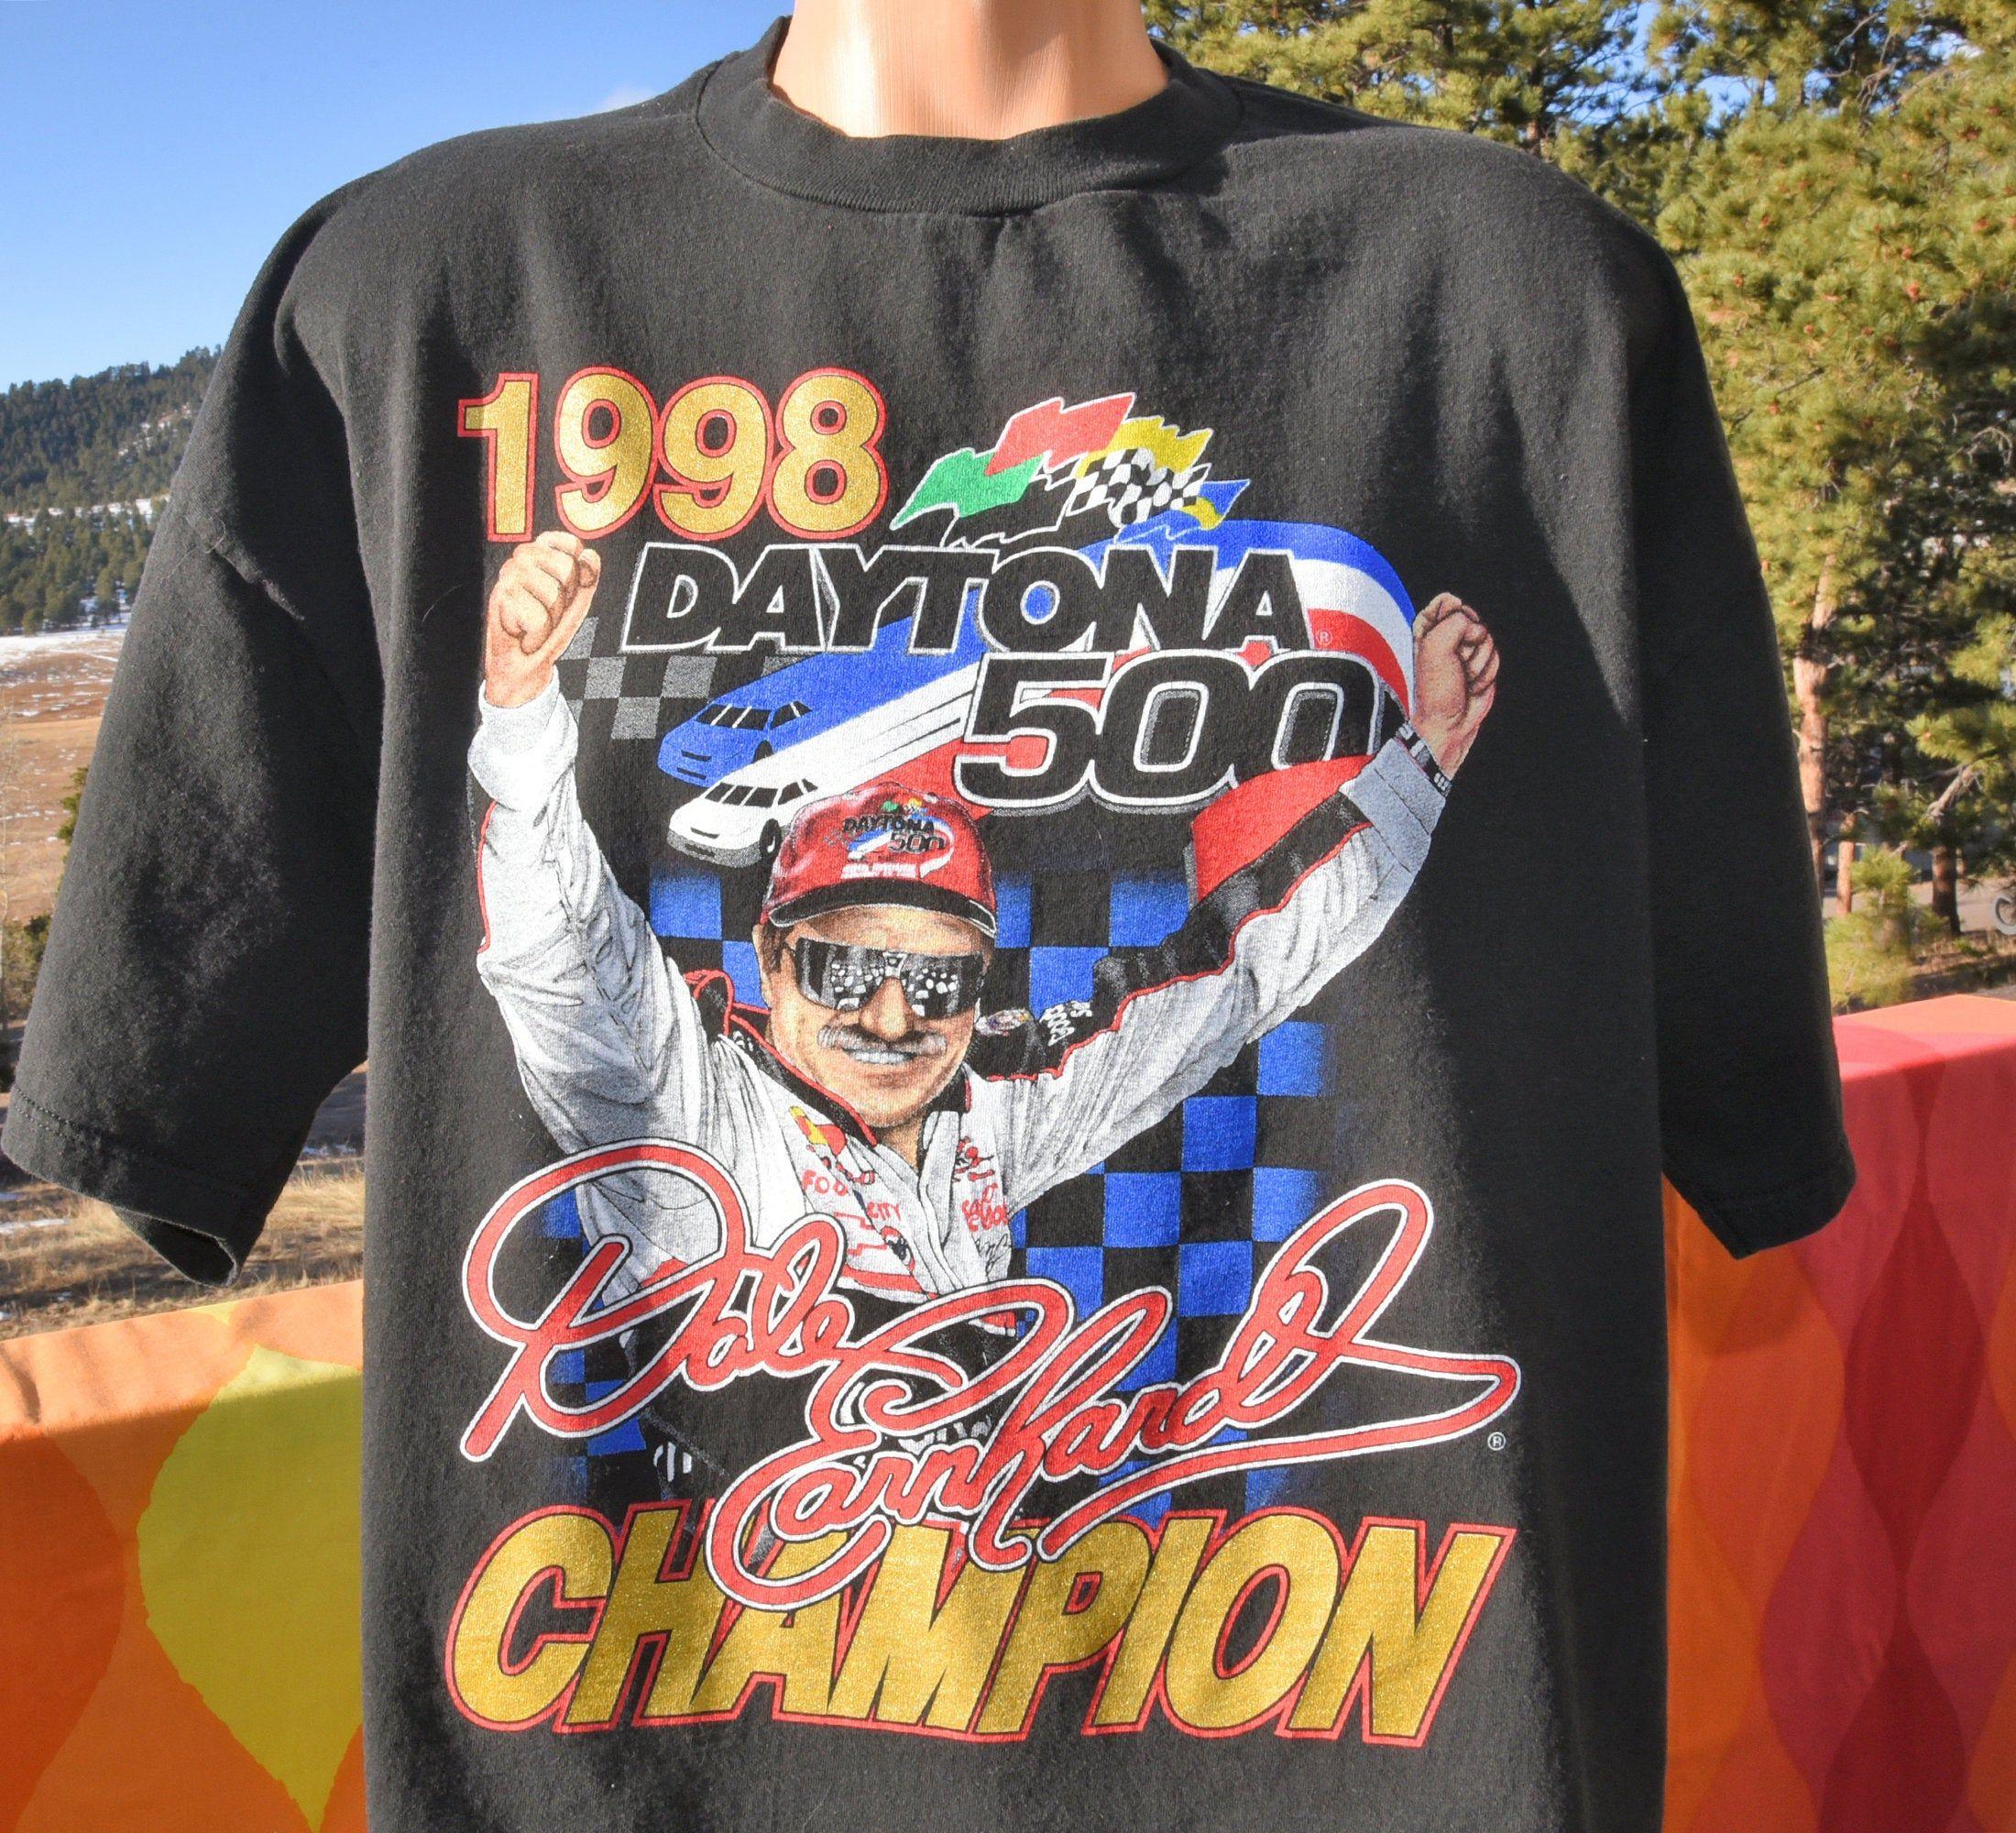 90s Vintage Dale Earnhardt T Shirt Nascar Daytona 500 Chevy Car Racing Xxl 2xl Xl Shirt Shop Shirts Nascar Daytona 500 [ 2000 x 2200 Pixel ]